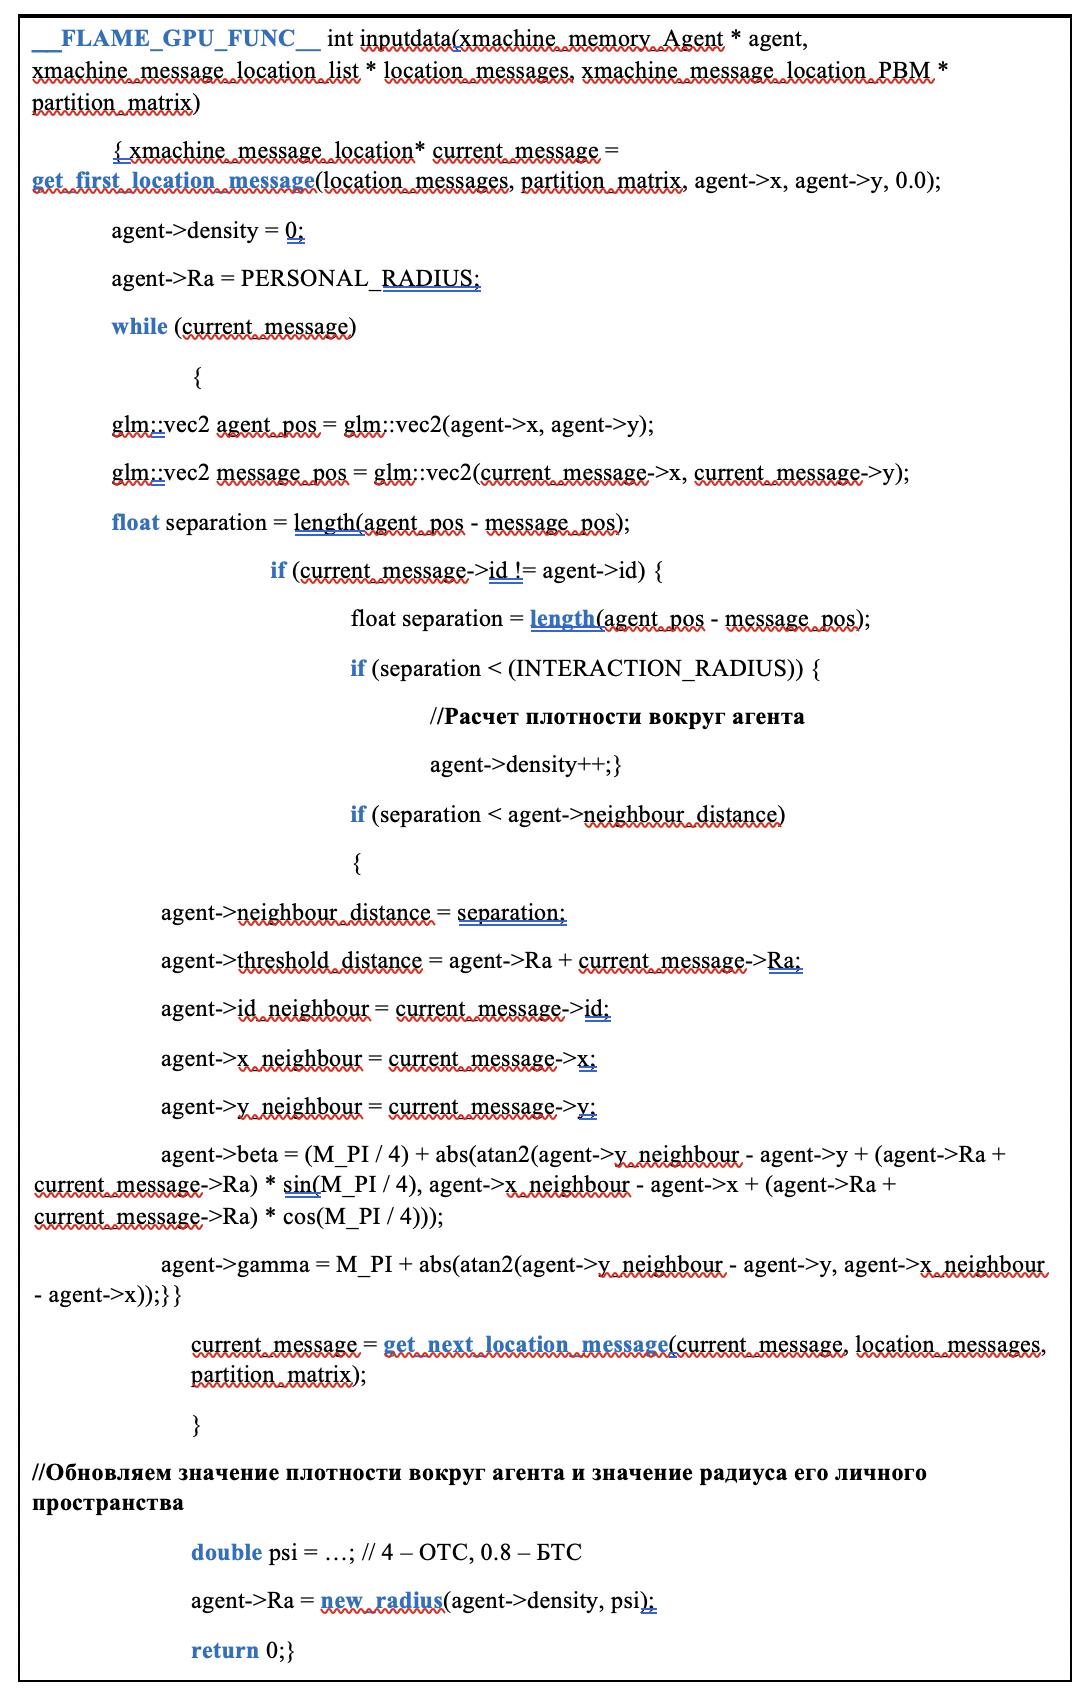 Вычислительная процедура, обеспечивающая обмен данными между близкорасположенными агентами-ТС